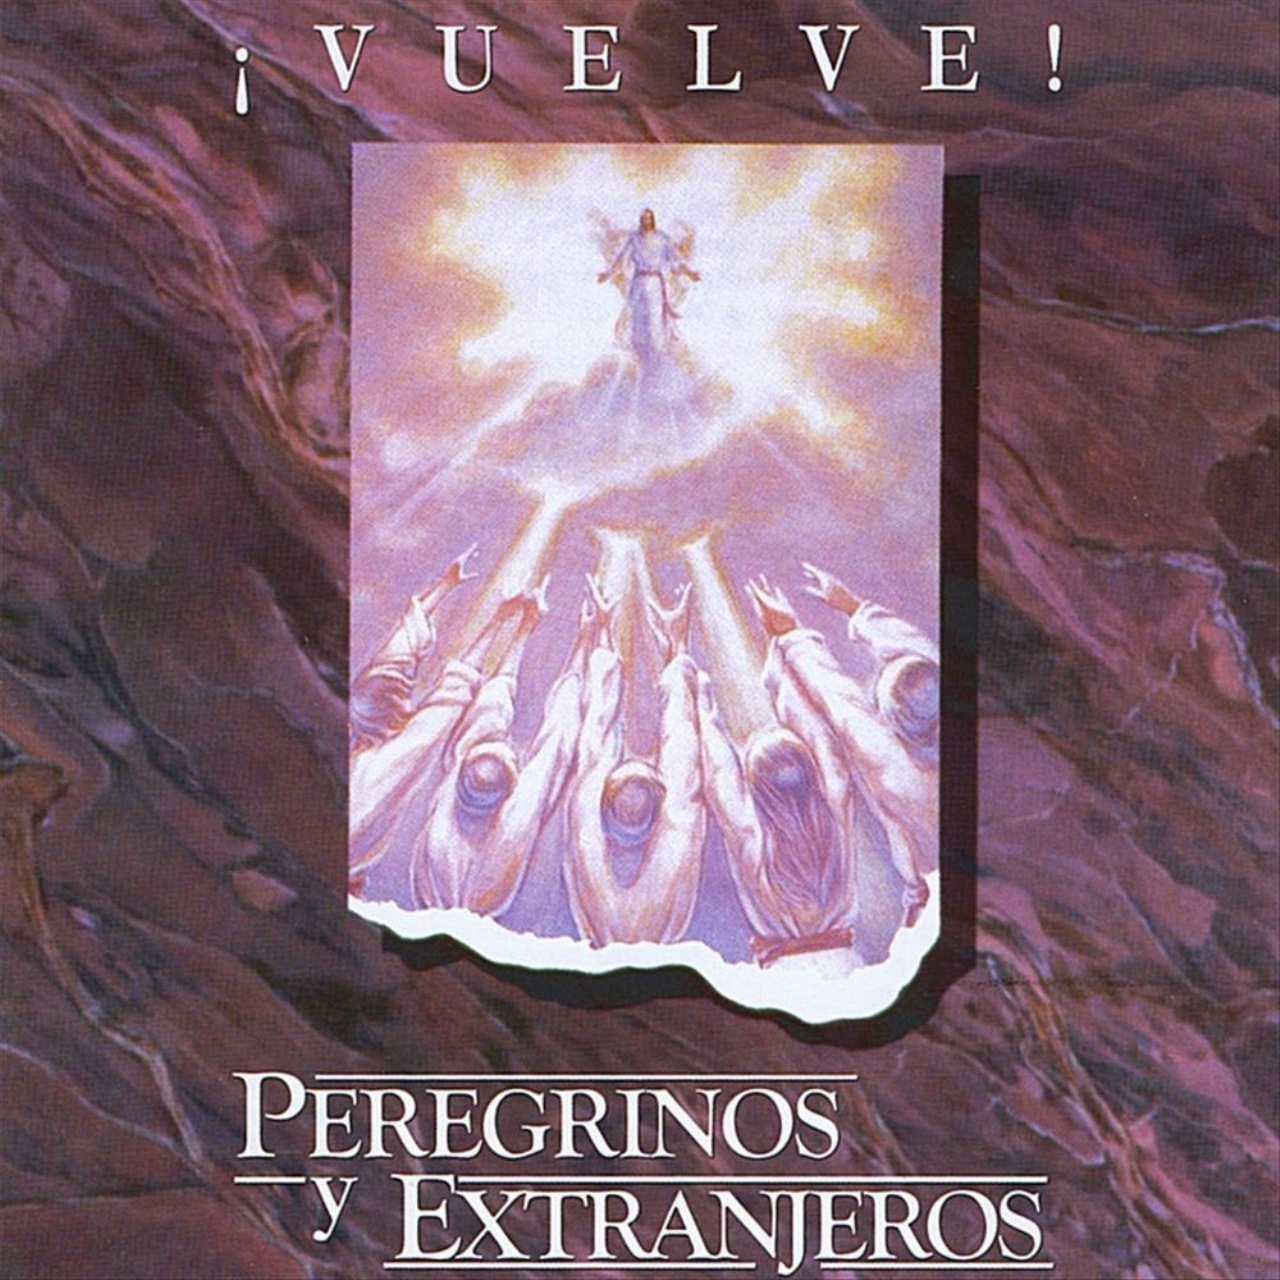 Carátula álbum ¡Vuelve!, de Peregrinos y extranjeros